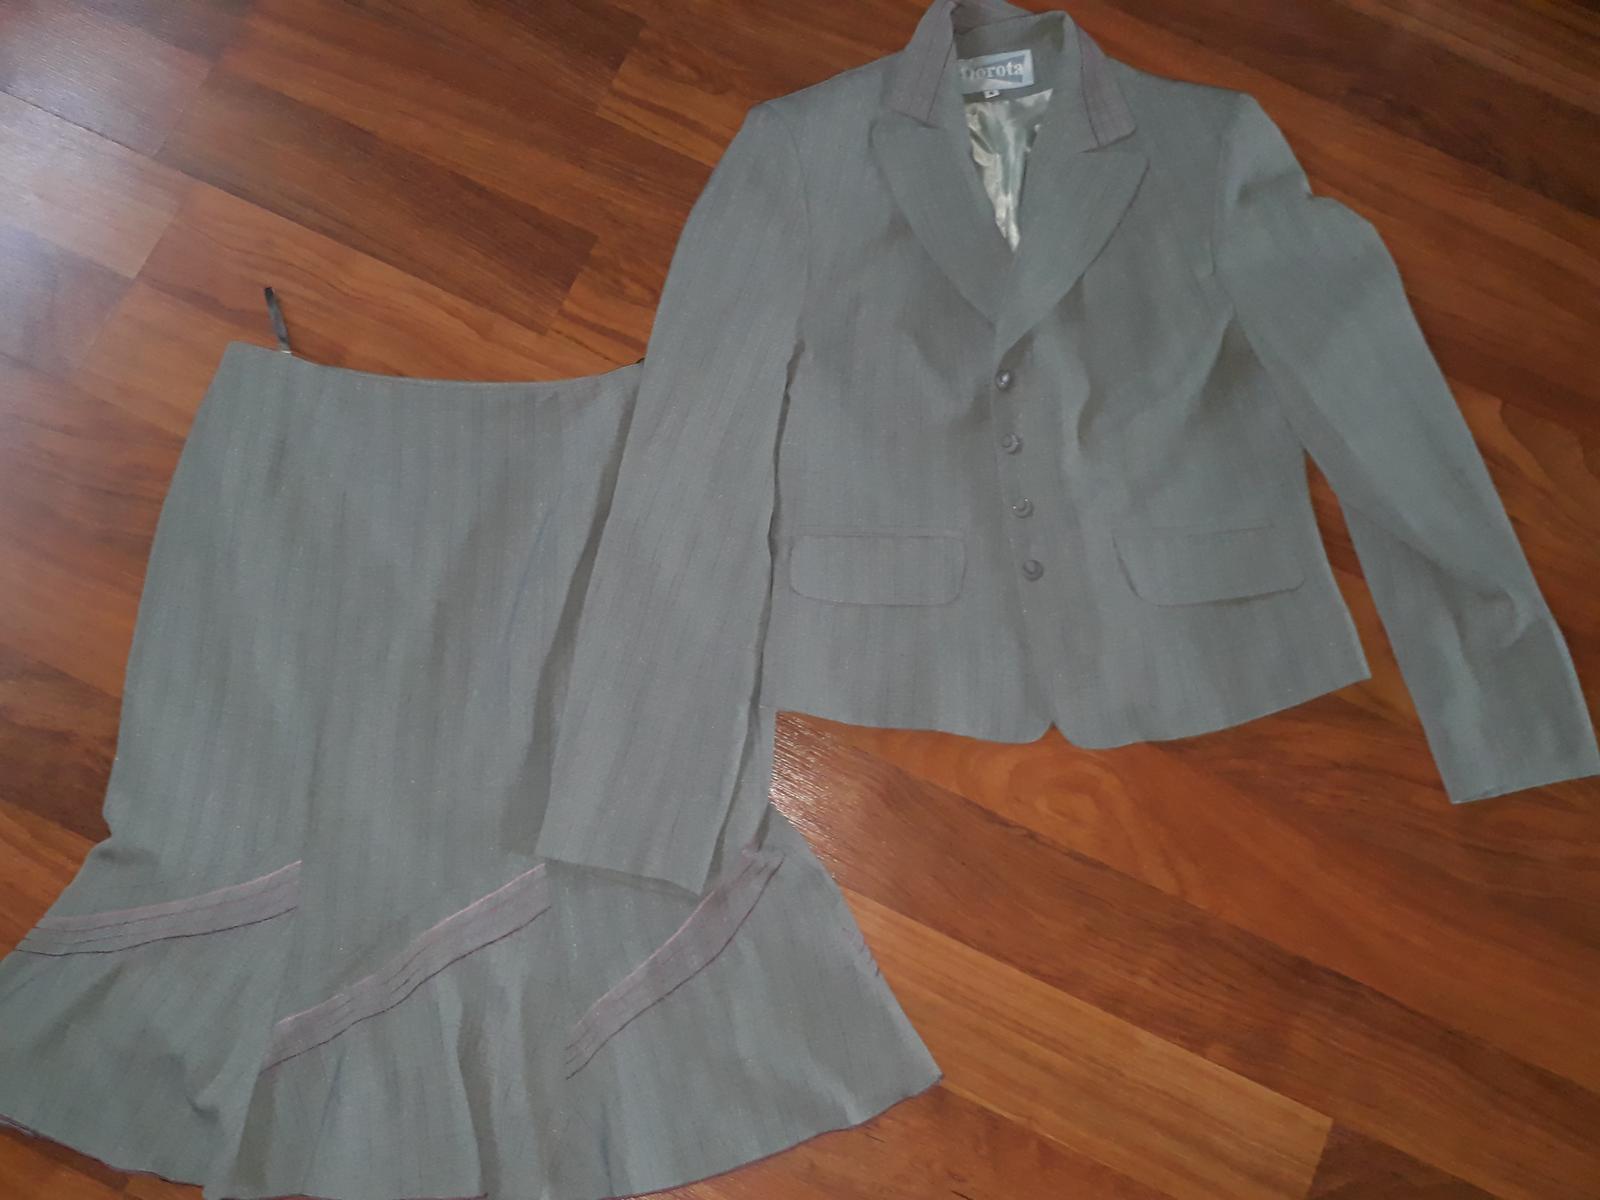 dámský kostým sukně a sako, vel 40 - Obrázek č. 1